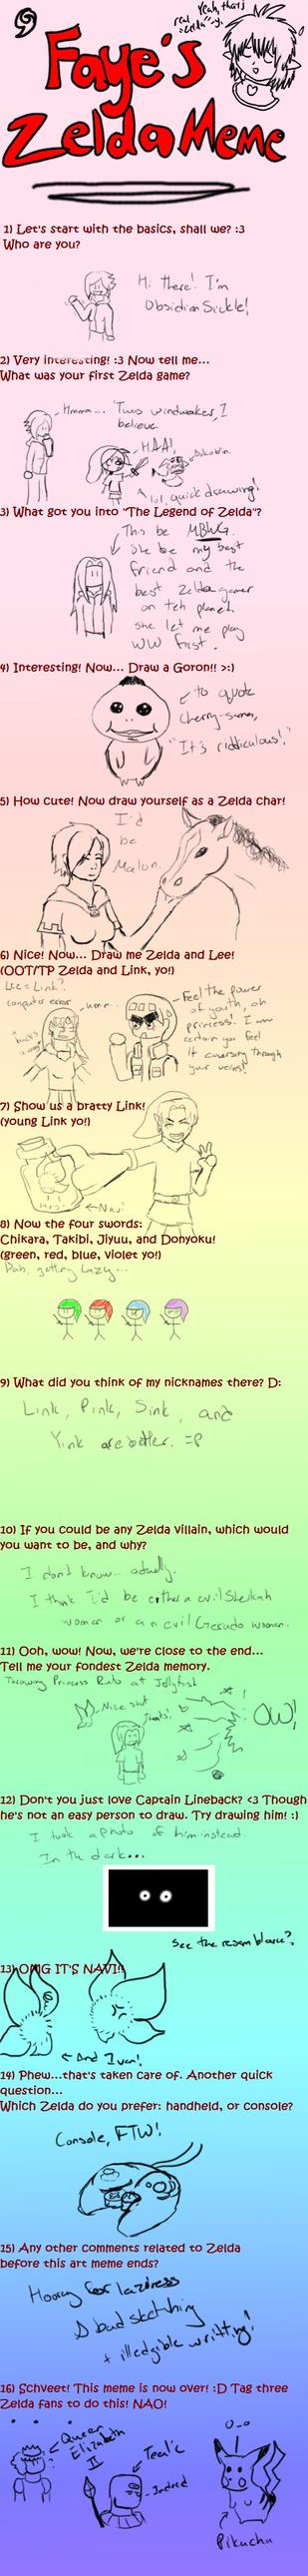 Zelda Meme by ObsidianSickle